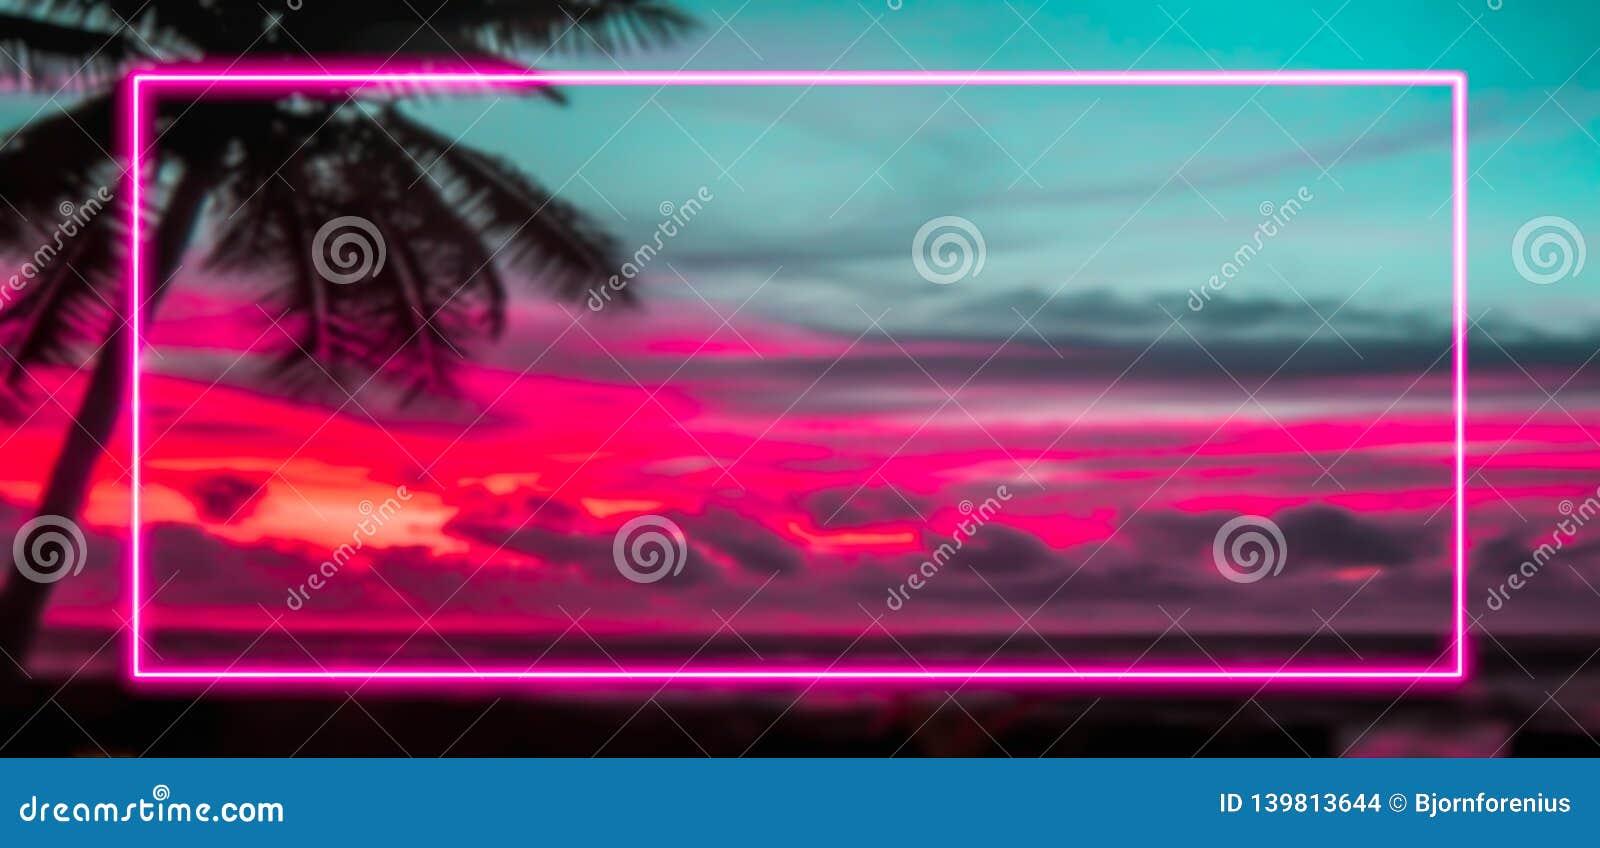 Signe coloré de vacances et de concept 80s avec le cadre rose de lampes au néon